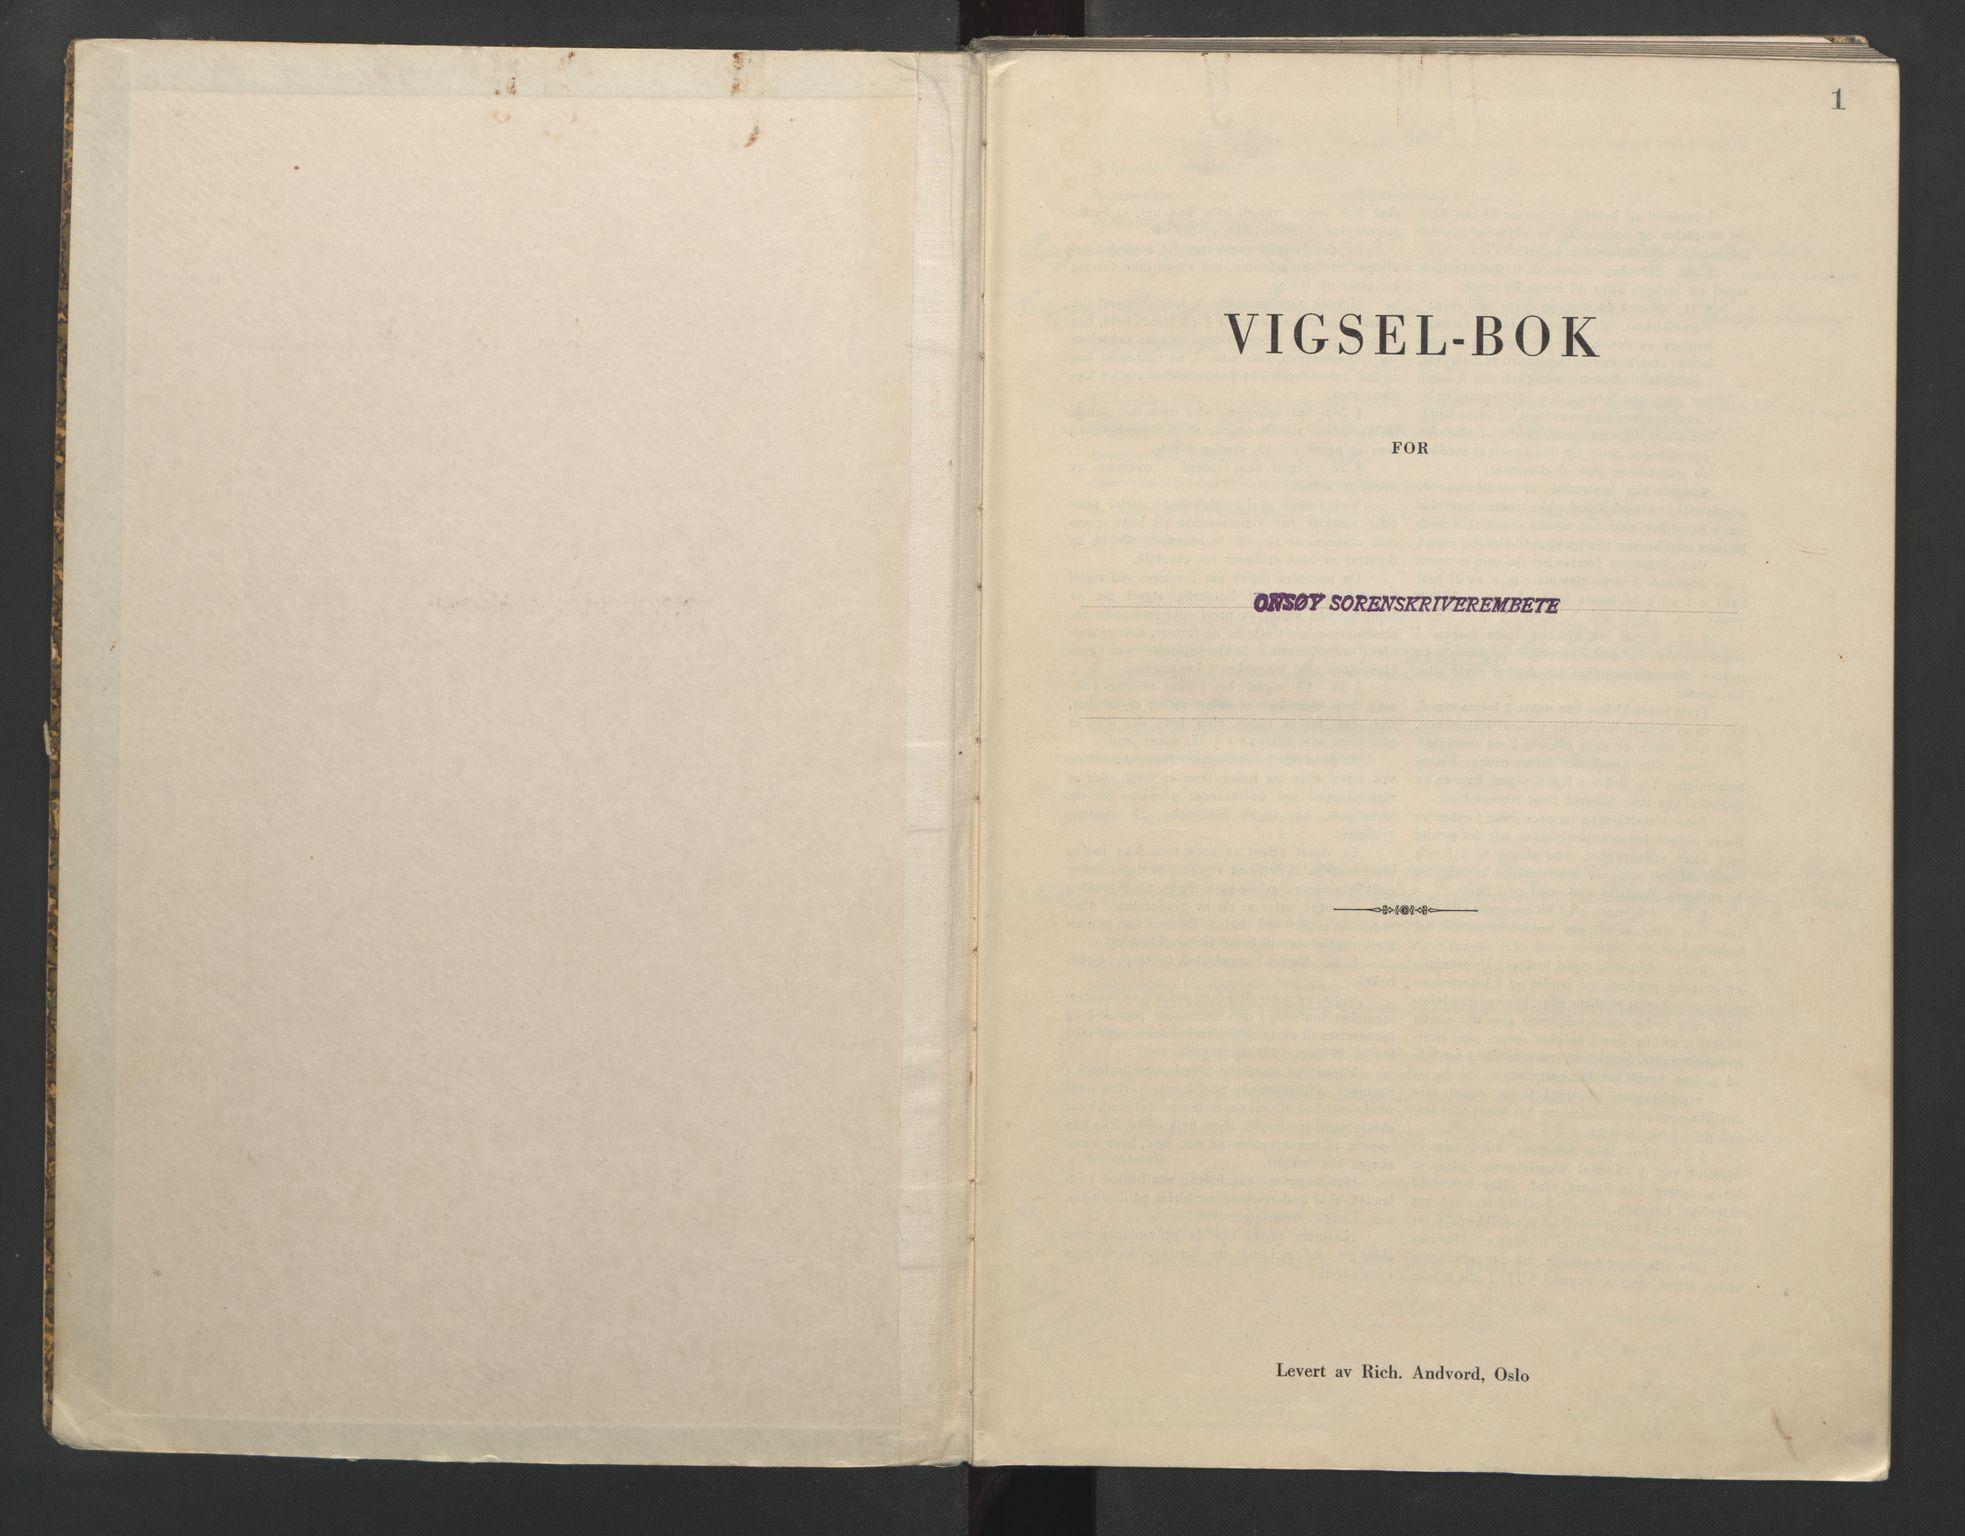 SAO, Onsøy sorenskriveri, L/La/L0005: Vigselsbok, 1944-1946, s. 1